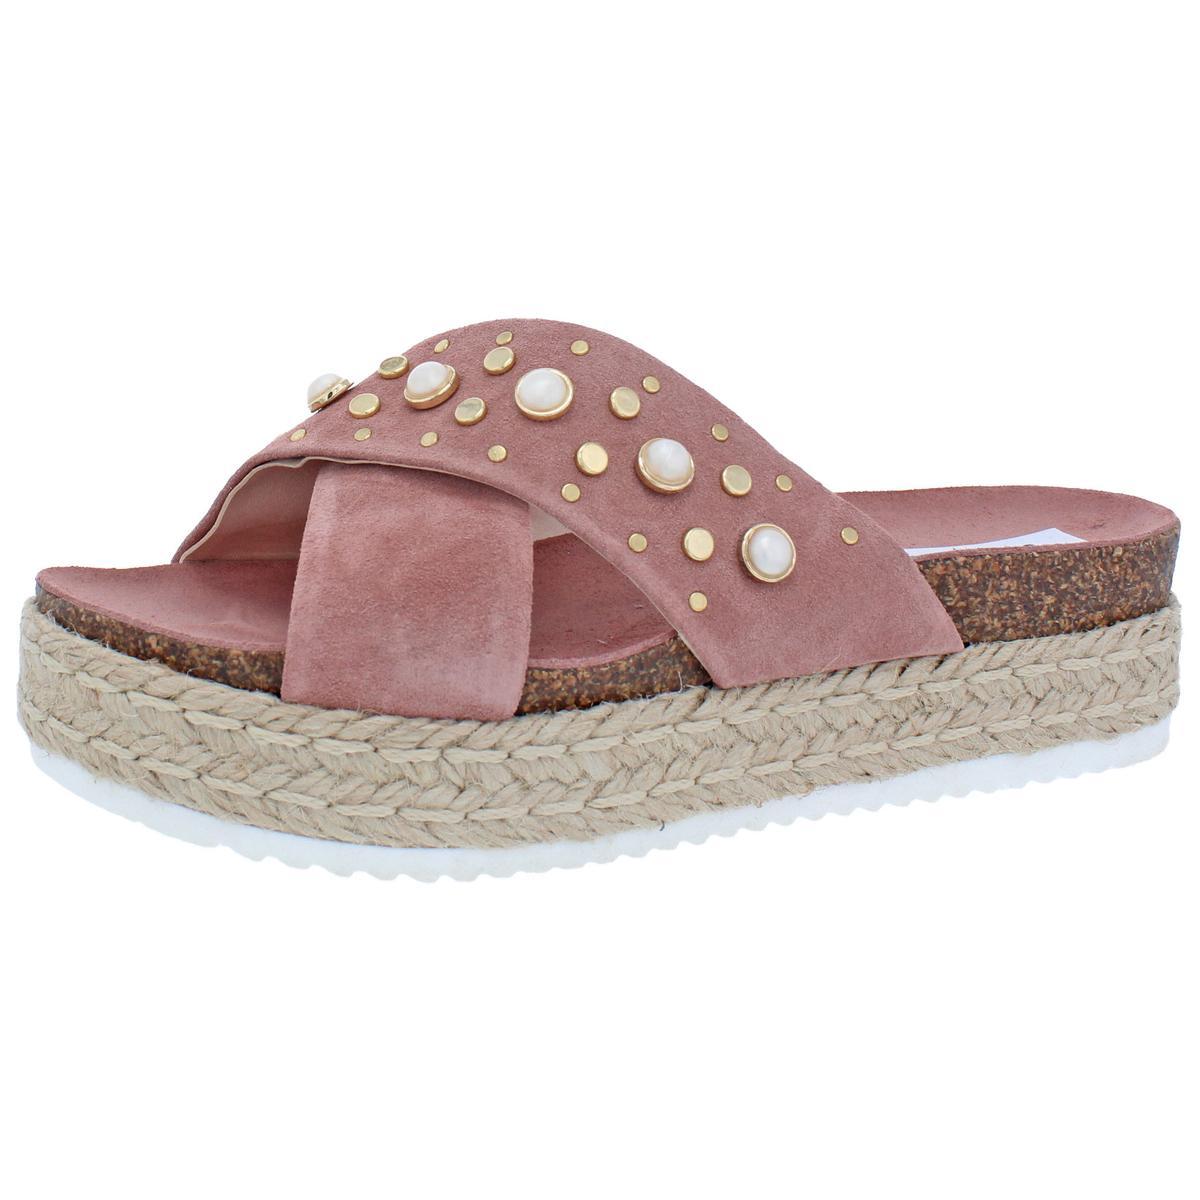 Steve Madden Damenschuhe Audrey Espadrille Open Toe Platform Sandales Schuhes BHFO 3046